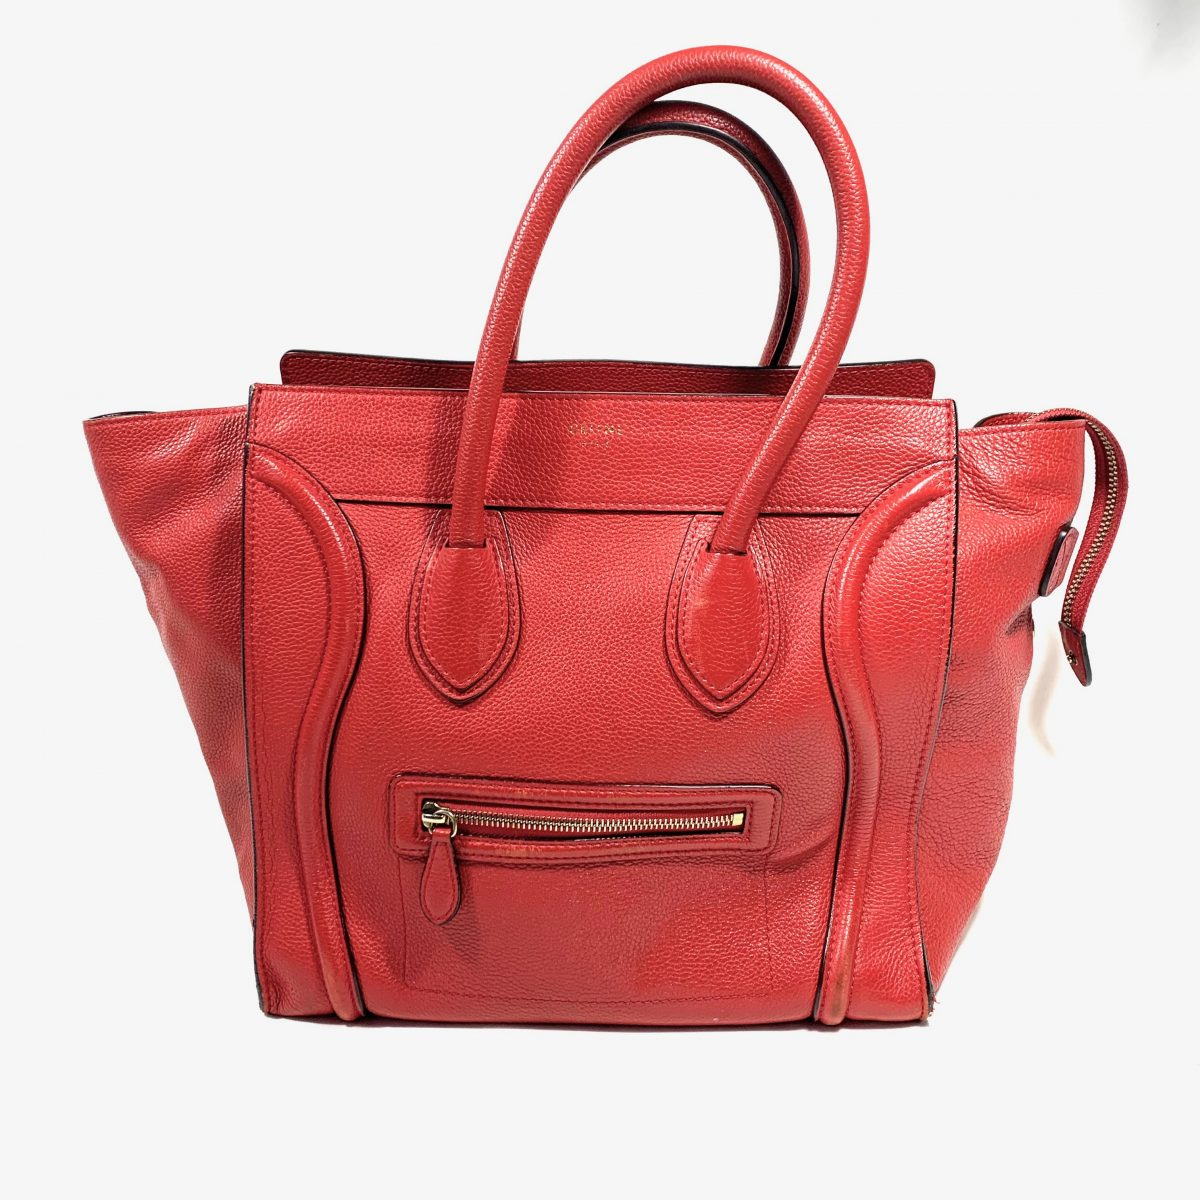 Céline red vintage designer bag Luggage tote